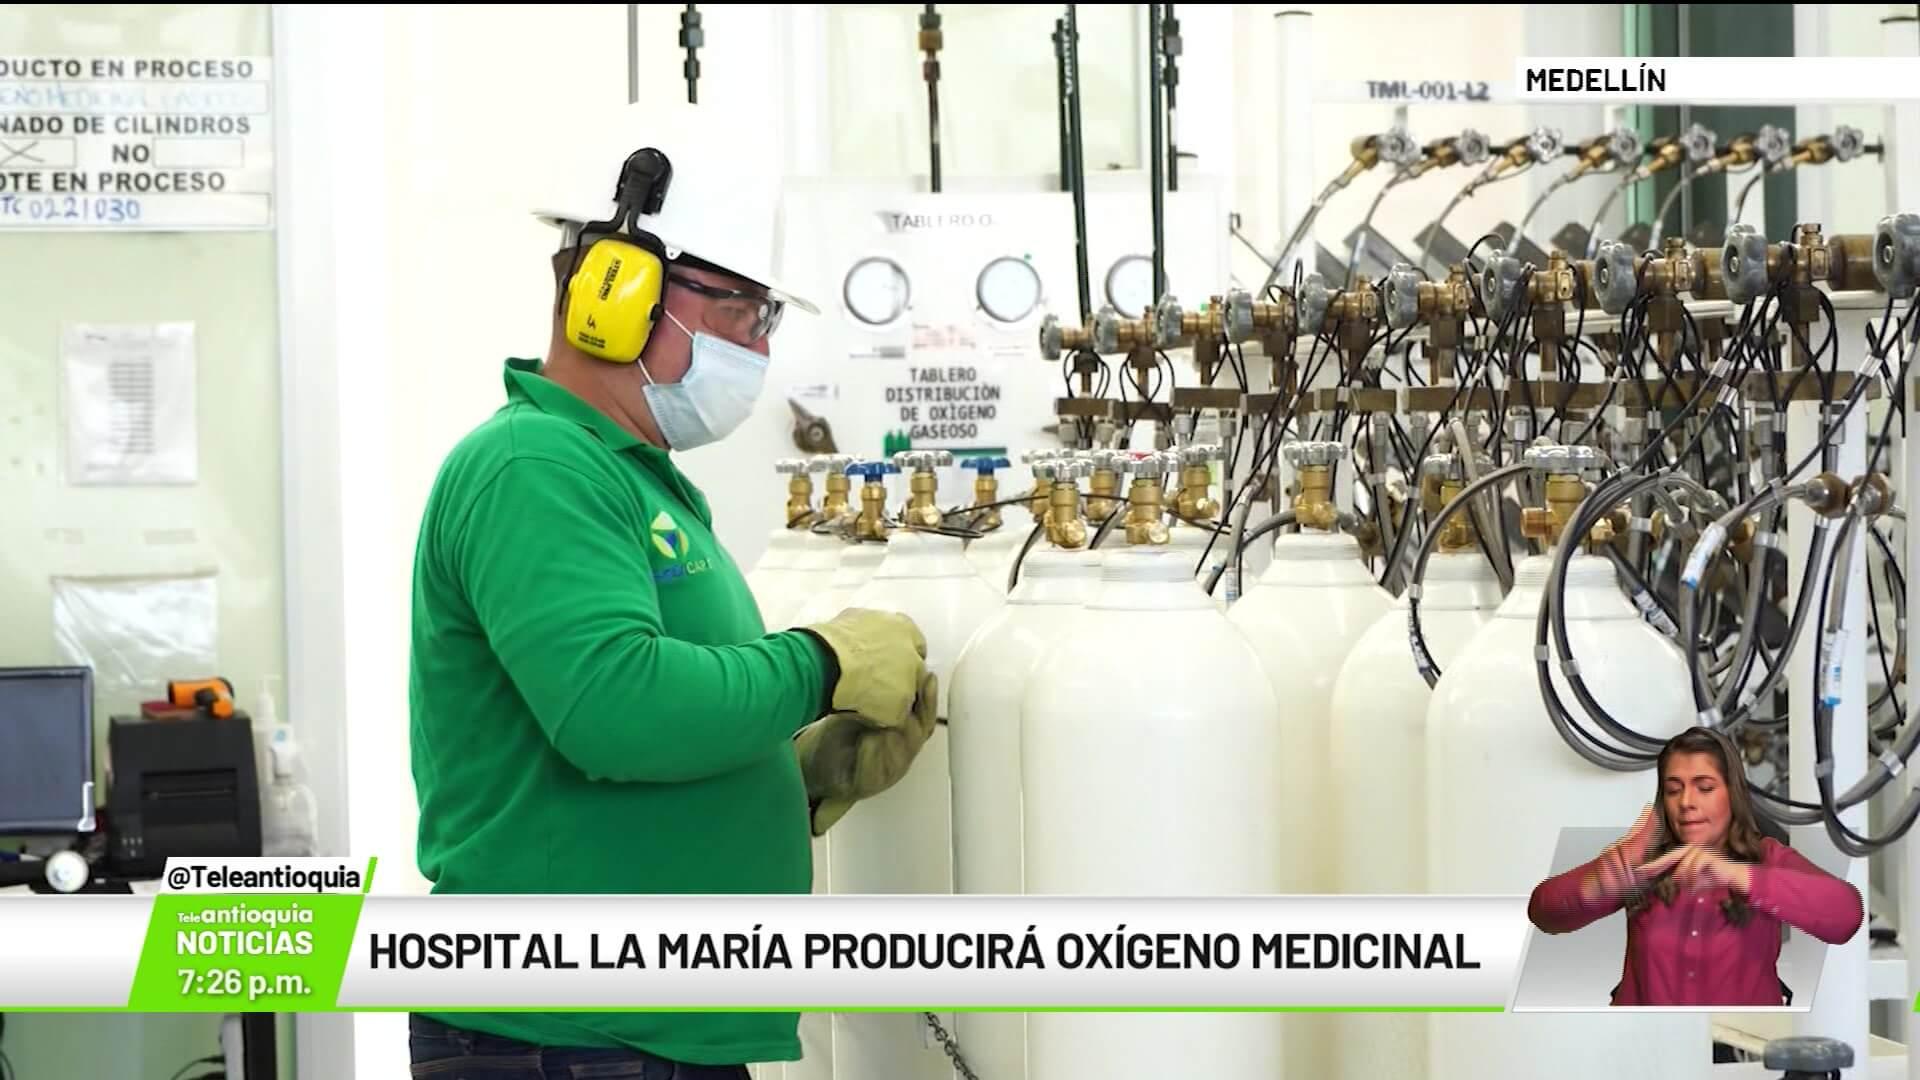 Hospital La María producirá oxígeno medicinal